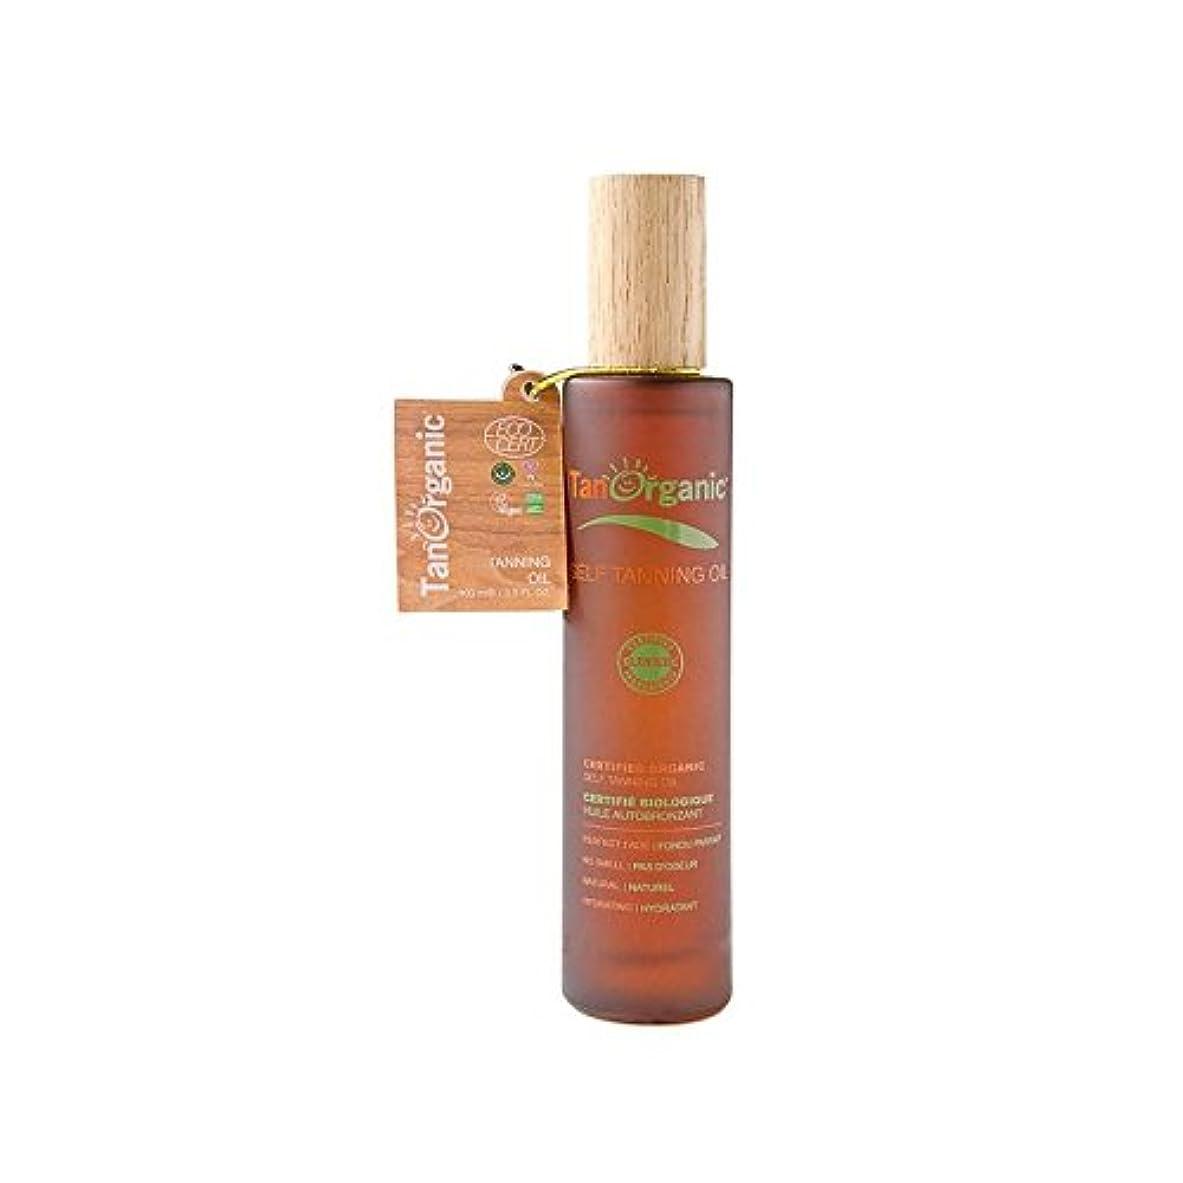 失敗しかし意気込みTanorganic自己日焼け顔&ボディオイル (Tan Organic) - TanOrganic Self-Tan Face & Body Oil [並行輸入品]